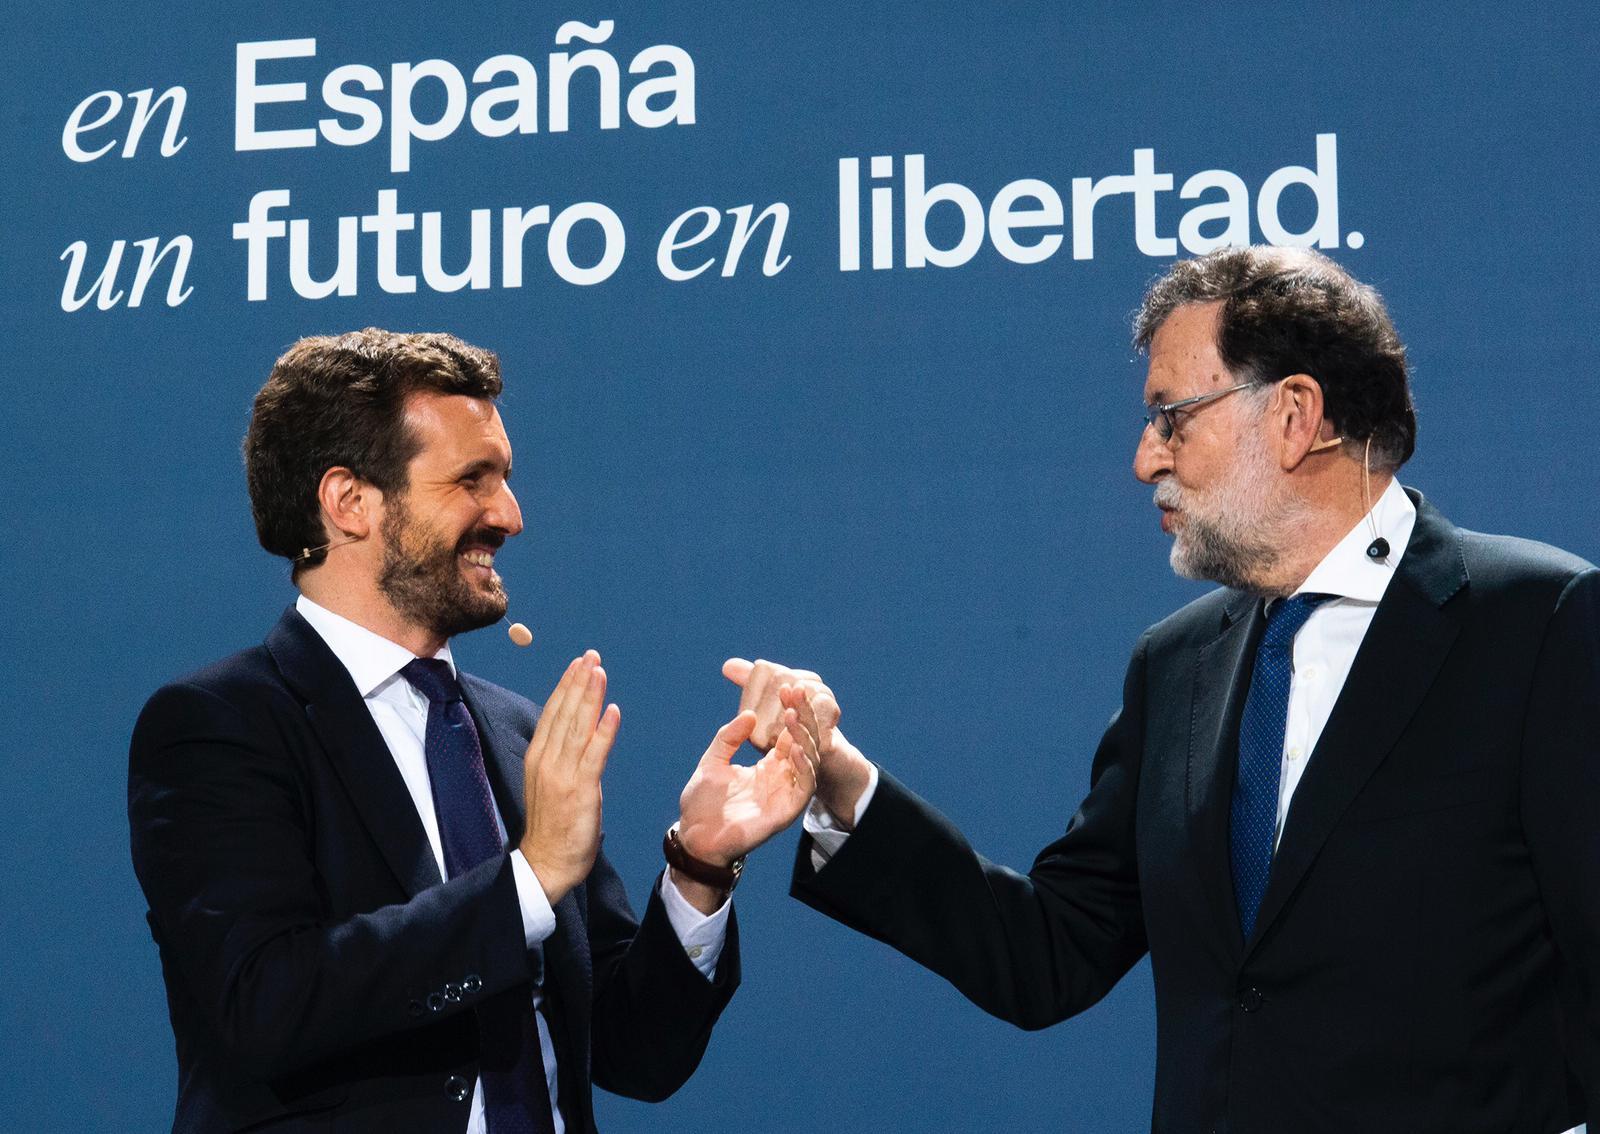 El líder del PP, Pablo Casado, junto al expresidente Mariano Rajoy en la Convención Nacional del partido. Foto: David Mudarra/PP